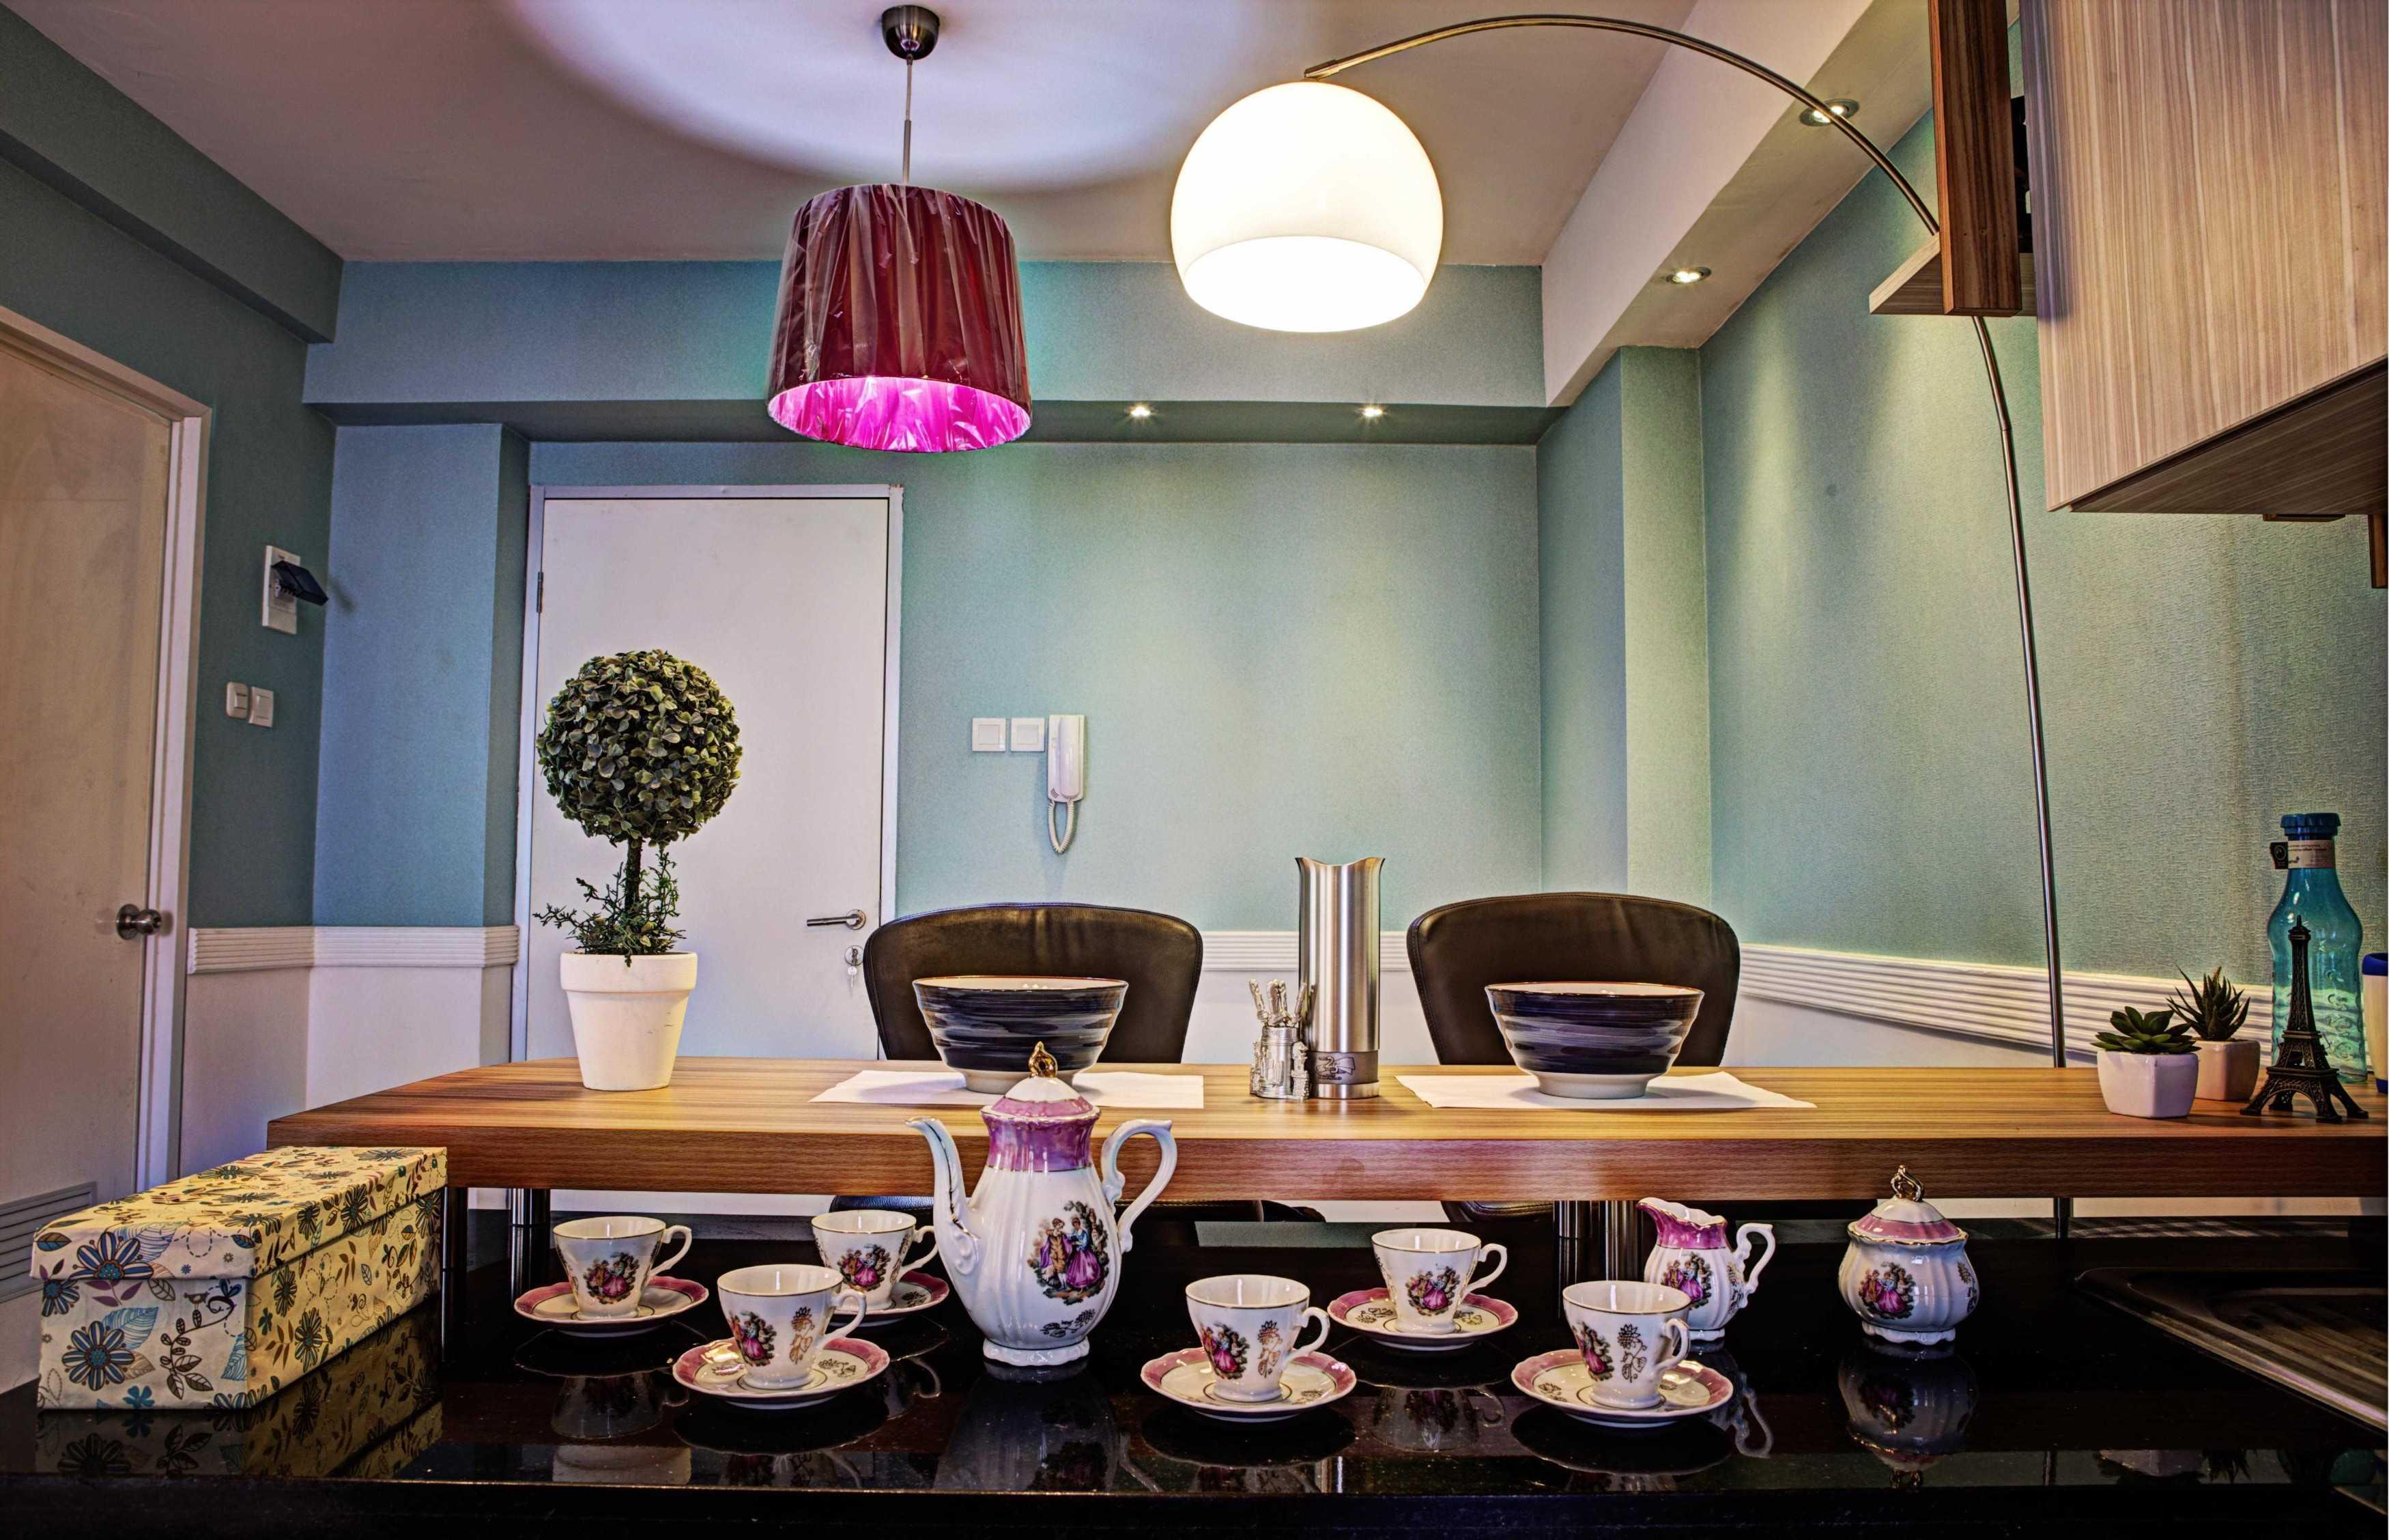 Total Renov Green Bay 3 Bed Room Interior Jl. Pluit Karang Ayu Barat No.b1, Rt.20/rw.2, Pluit, Penjaringan, Kota Jkt Utara, Daerah Khusus Ibukota Jakarta 14450, Indonesia Jl. Pluit Karang Ayu Barat No.b1, Rt.20/rw.2, Pluit, Penjaringan, Kota Jkt Utara, Daerah Khusus Ibukota Jakarta 14450, Indonesia Total-Renov-Green-Bay-3-Bed-Room-Interior Minimalist <P>Kitchen Set Area</p> 61155